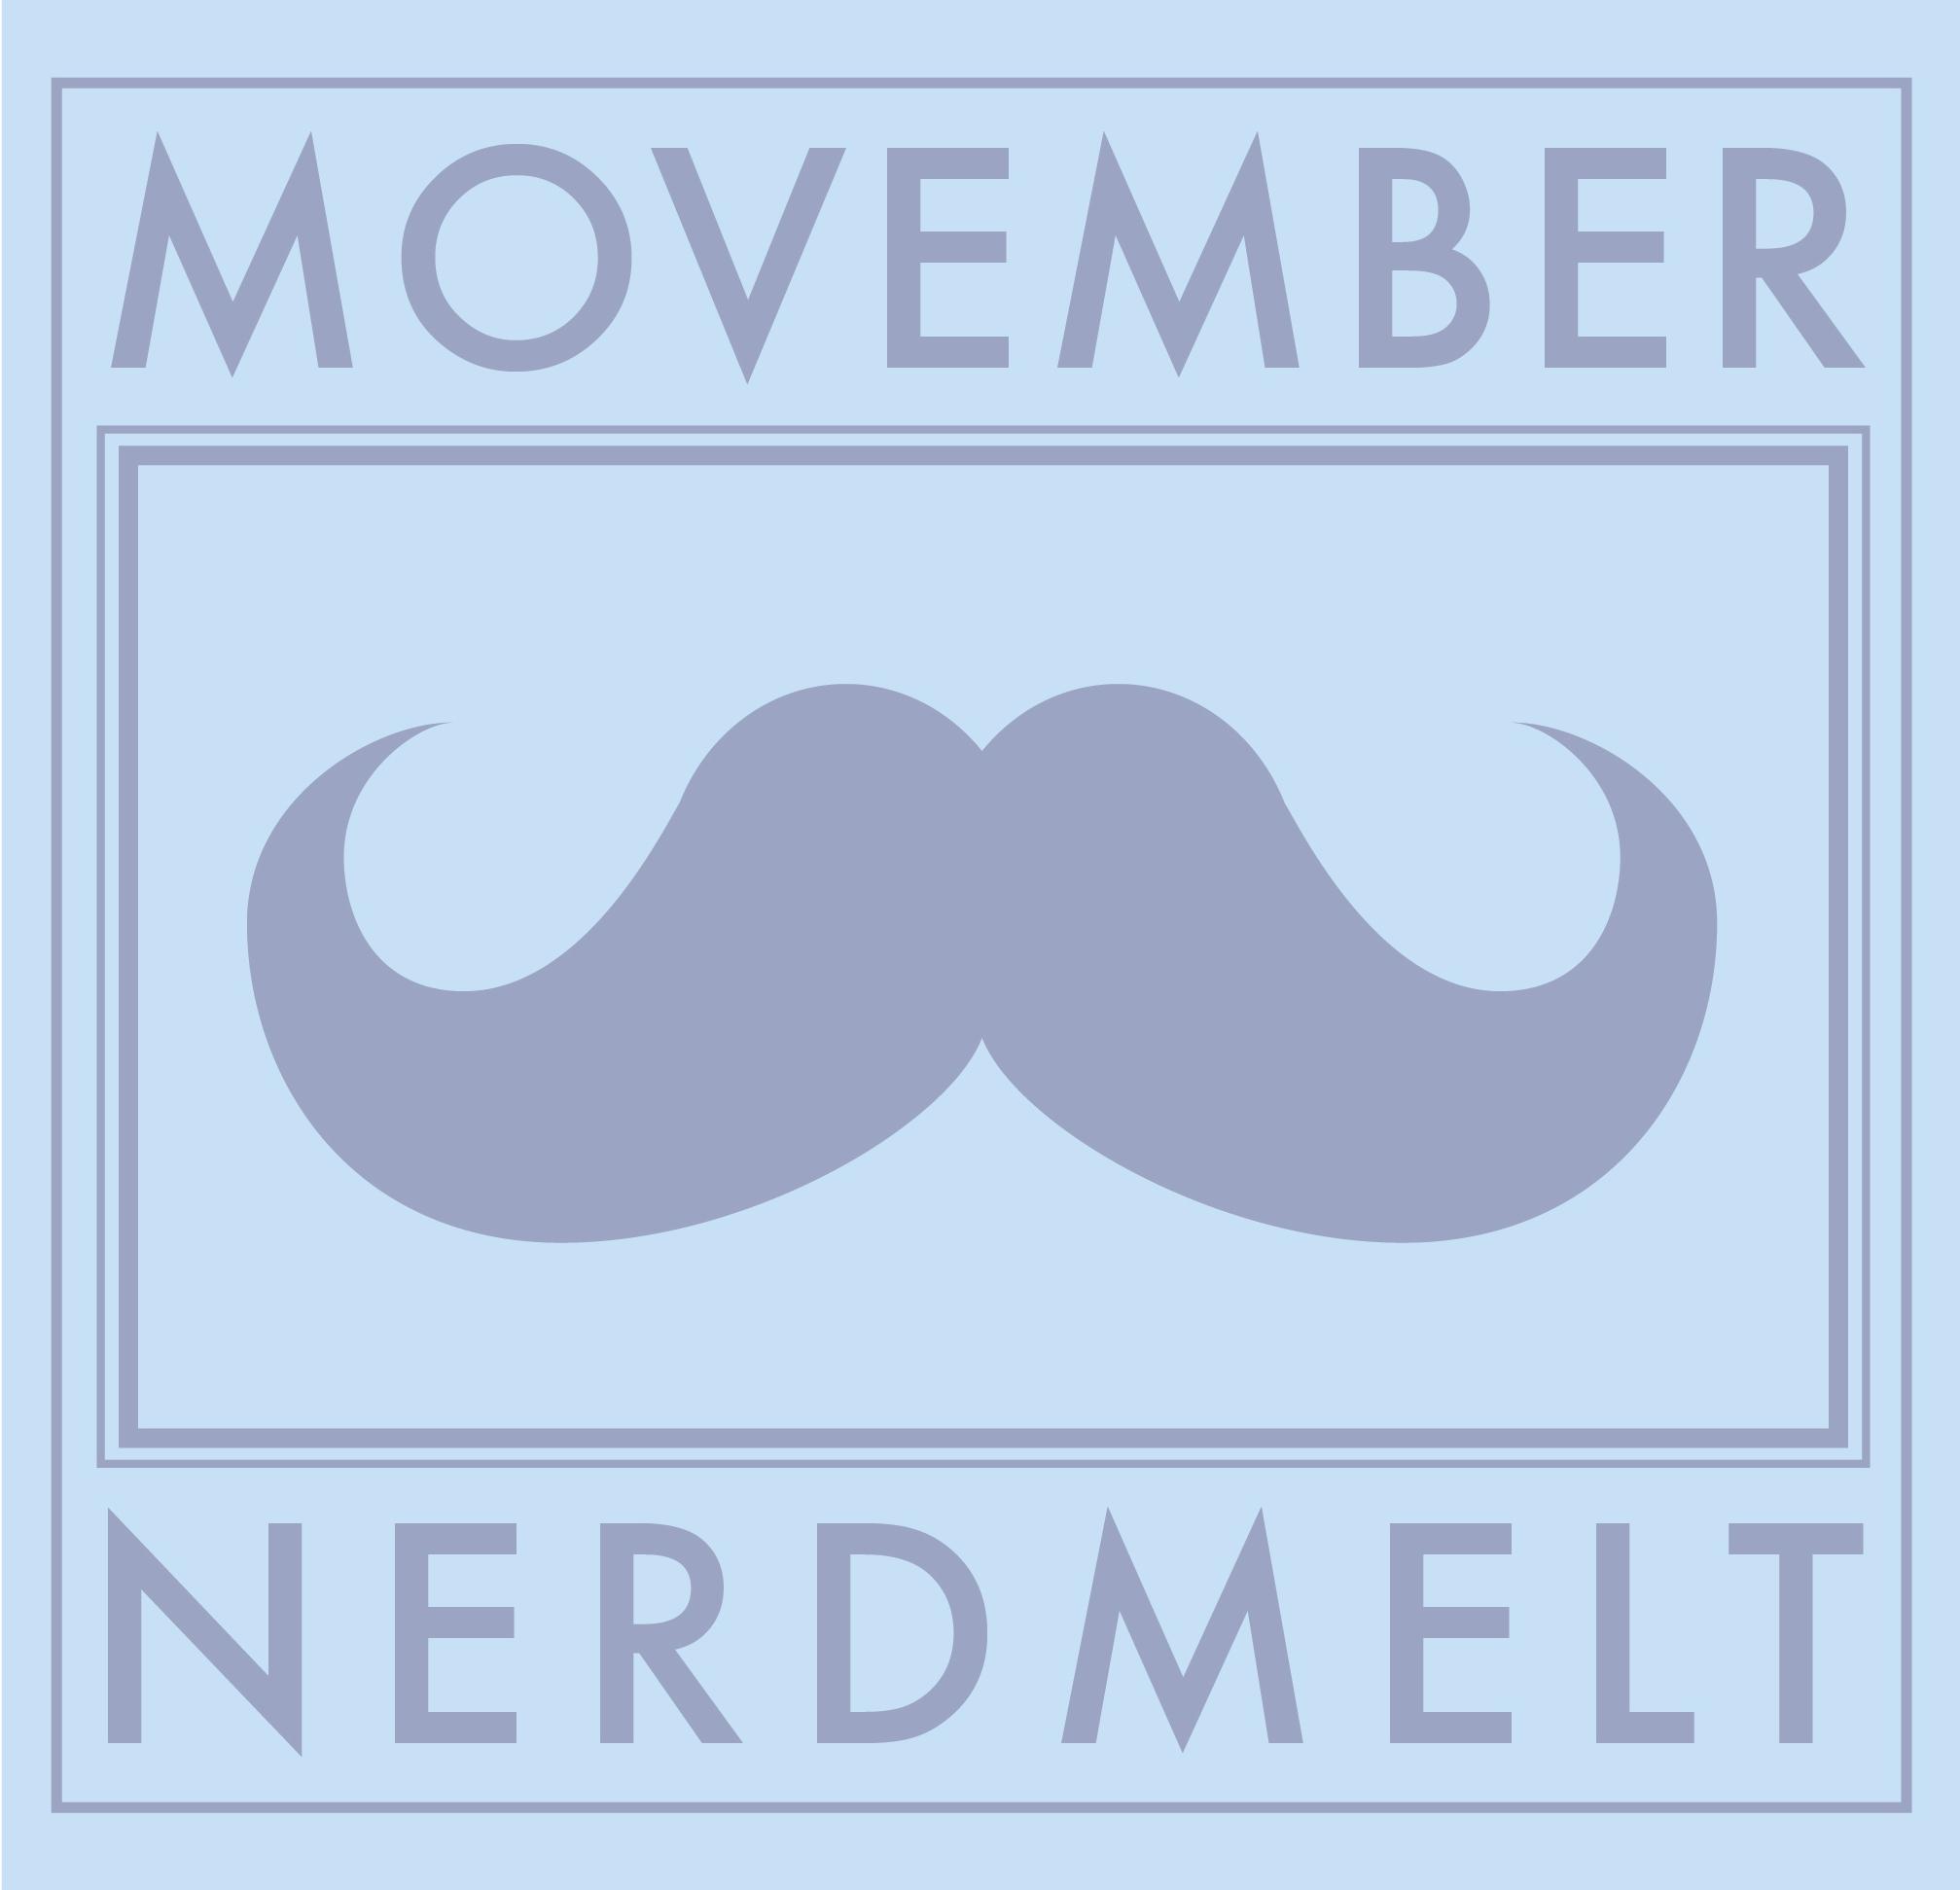 Movember Nerdmelt